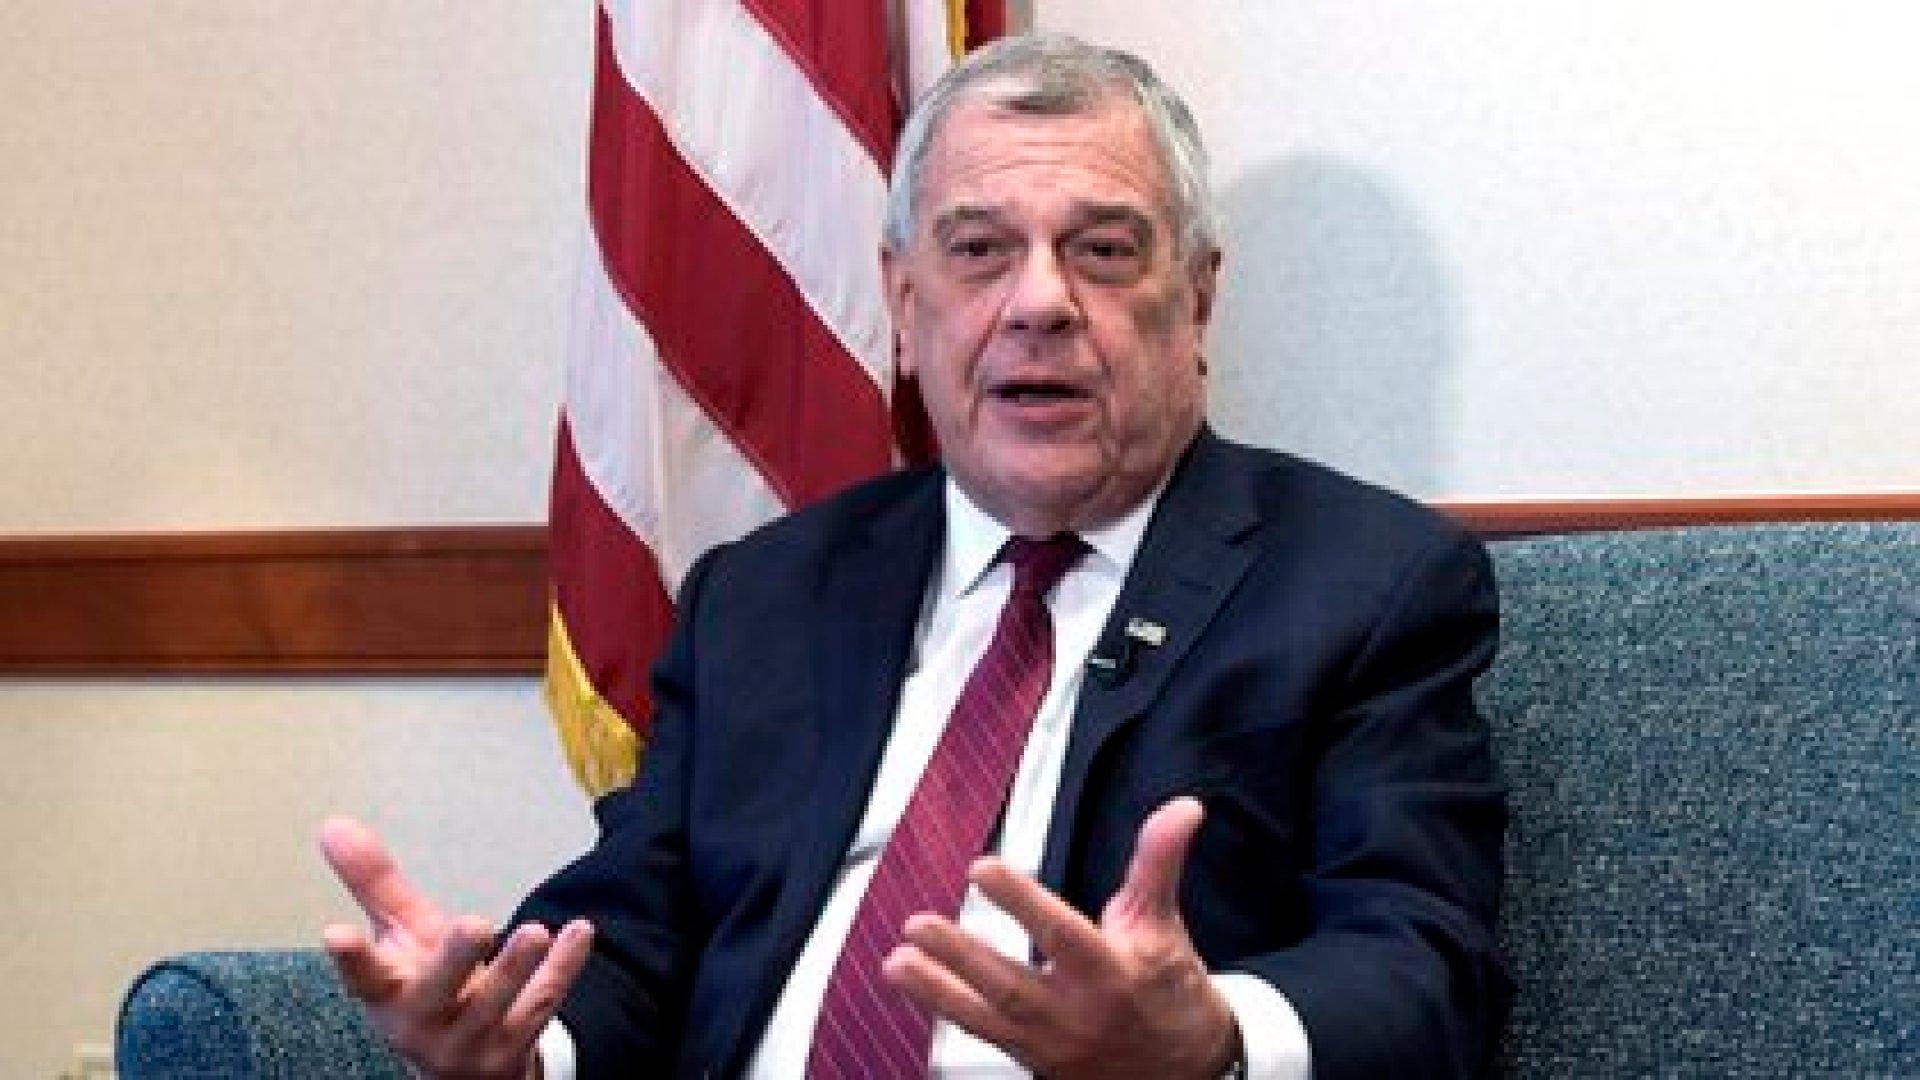 El encargado de Latinoamérica en el Departamento de Estado de EE.UU., Michael Kozak, (EFE/ Lenin Nolly)